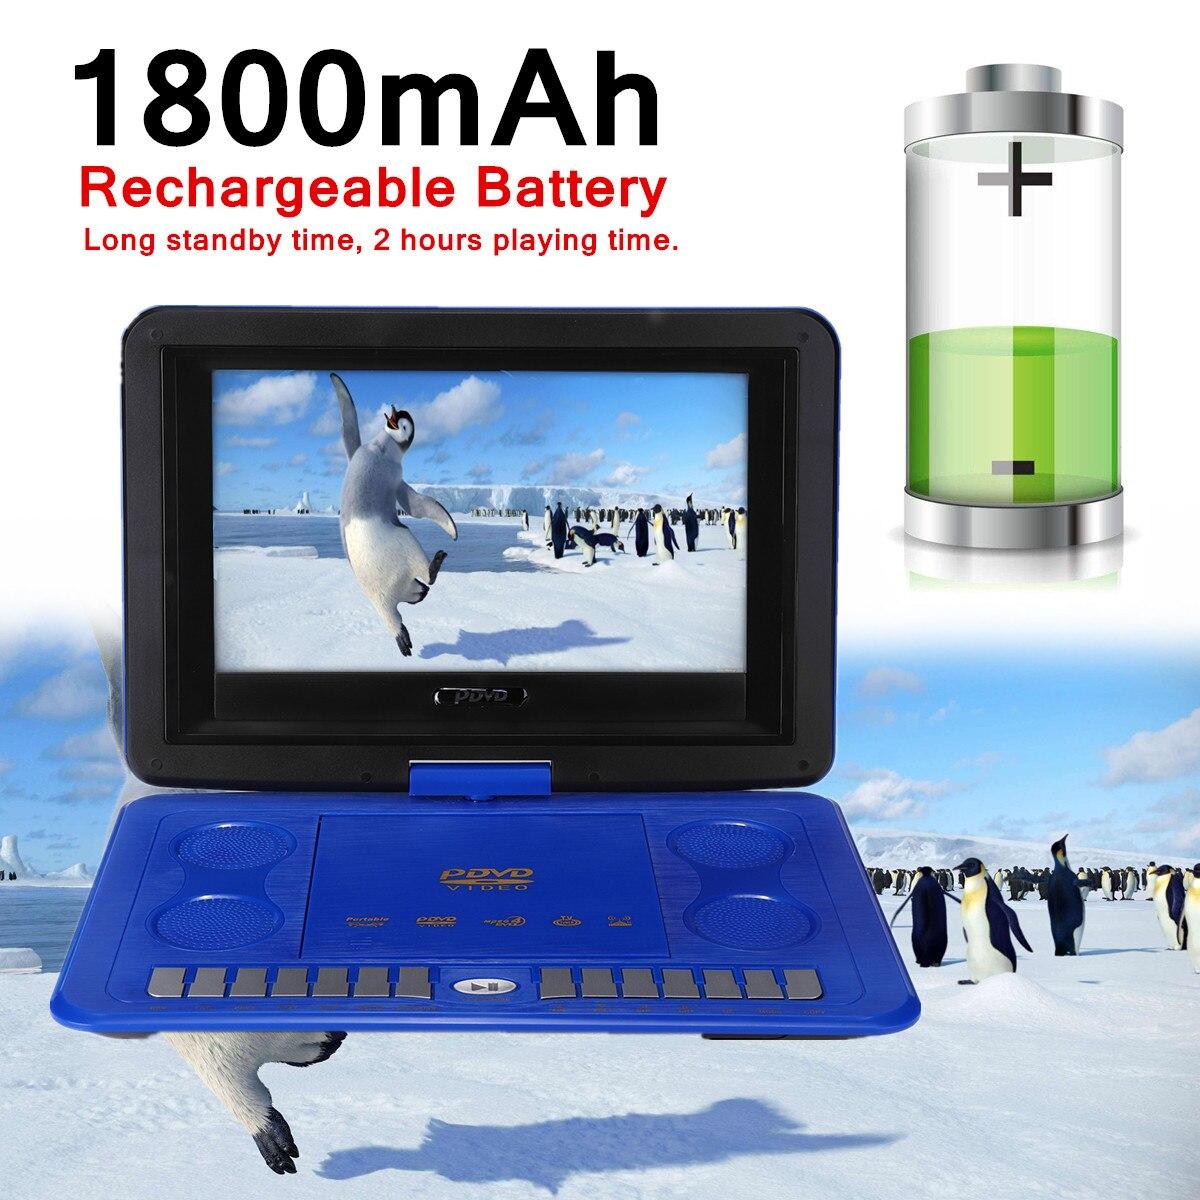 1800 13,8 мАч портативный домашний ТВ программа поиск функция автомобиля dvd-плеер игры пульт дистанционного управления 270 D экран USB SD карта анти-...